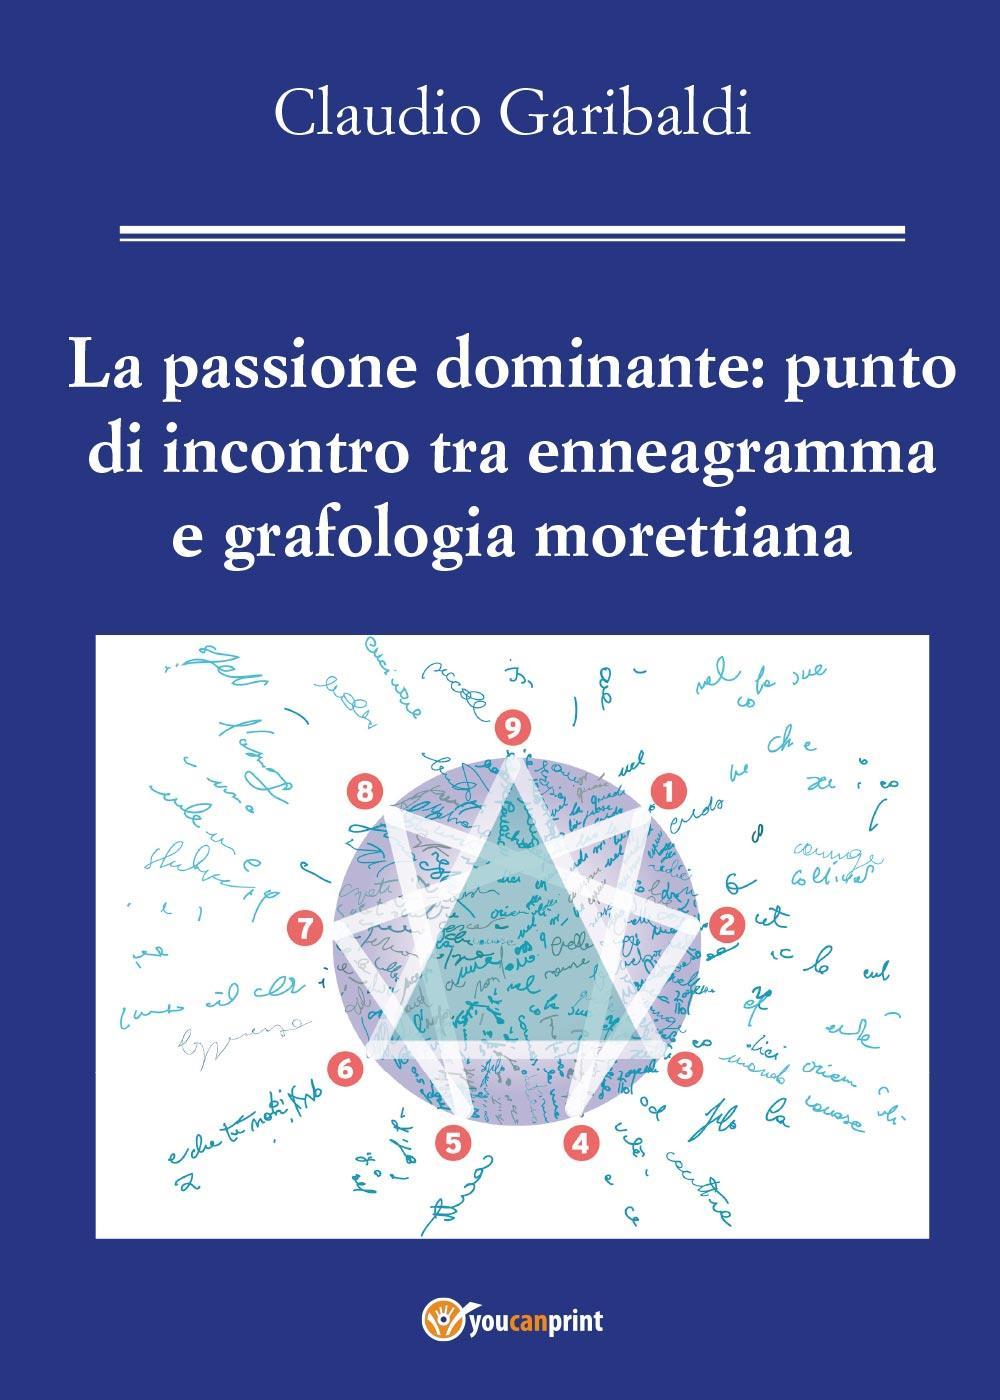 La passione dominante: punto di incontro tra enneagramma e grafologia morettiana